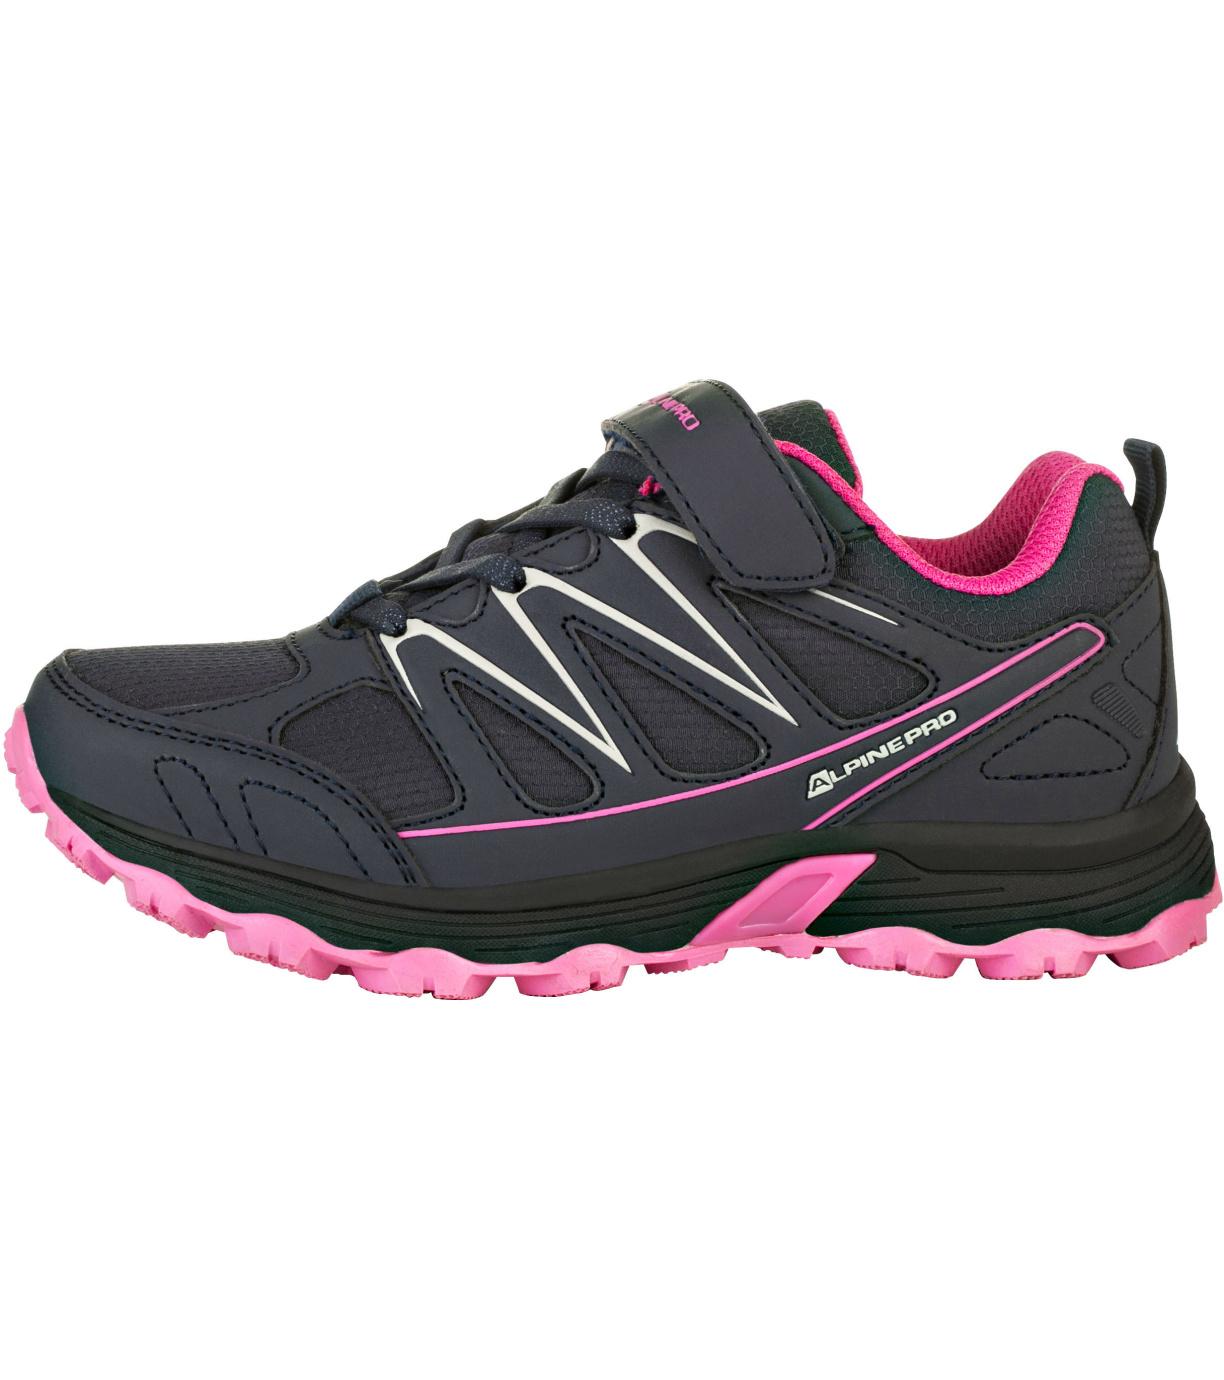 ALPINE PRO RELIUSO Dětská outdoorová obuv KBTR218452 růžová 33